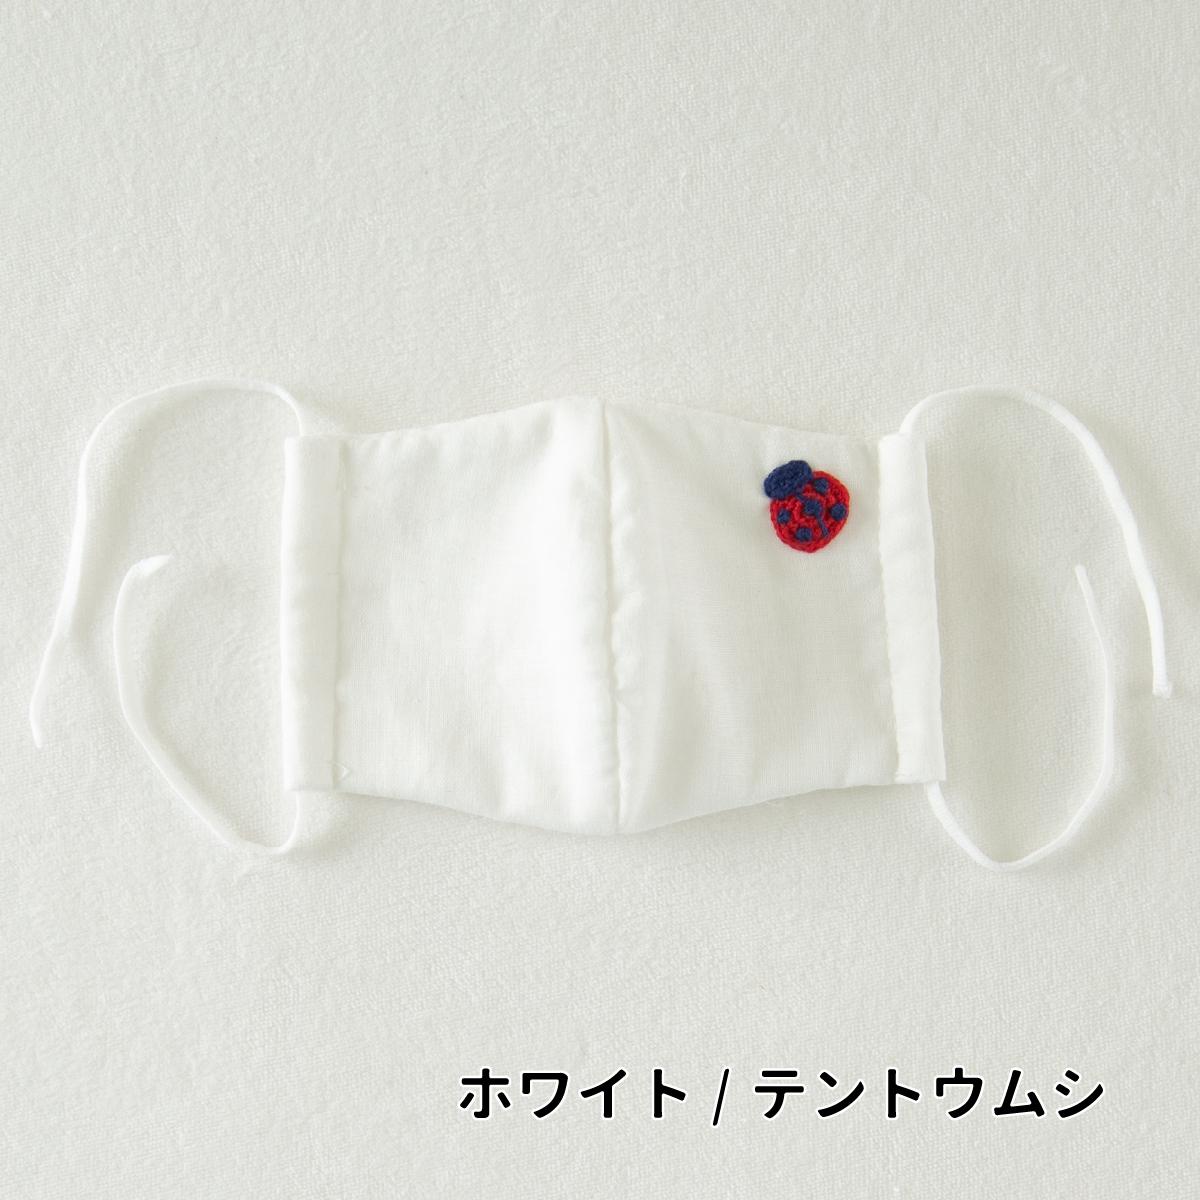 子供用制菌マスク(立体モチーフ付き)